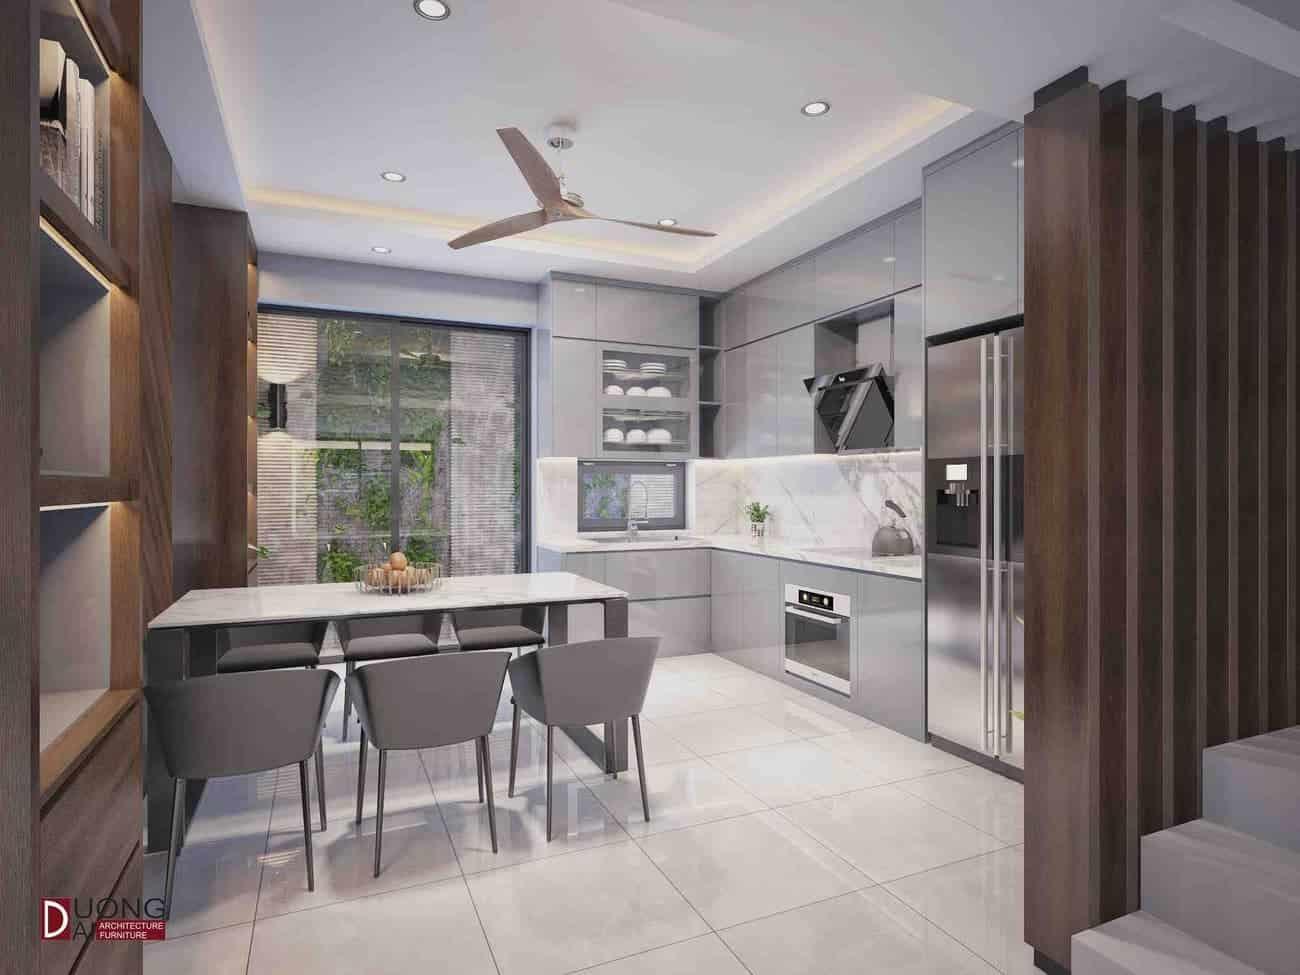 Thiết kế tủ bếp Acrylic sang trọng với màu ghi sáng trang nhã